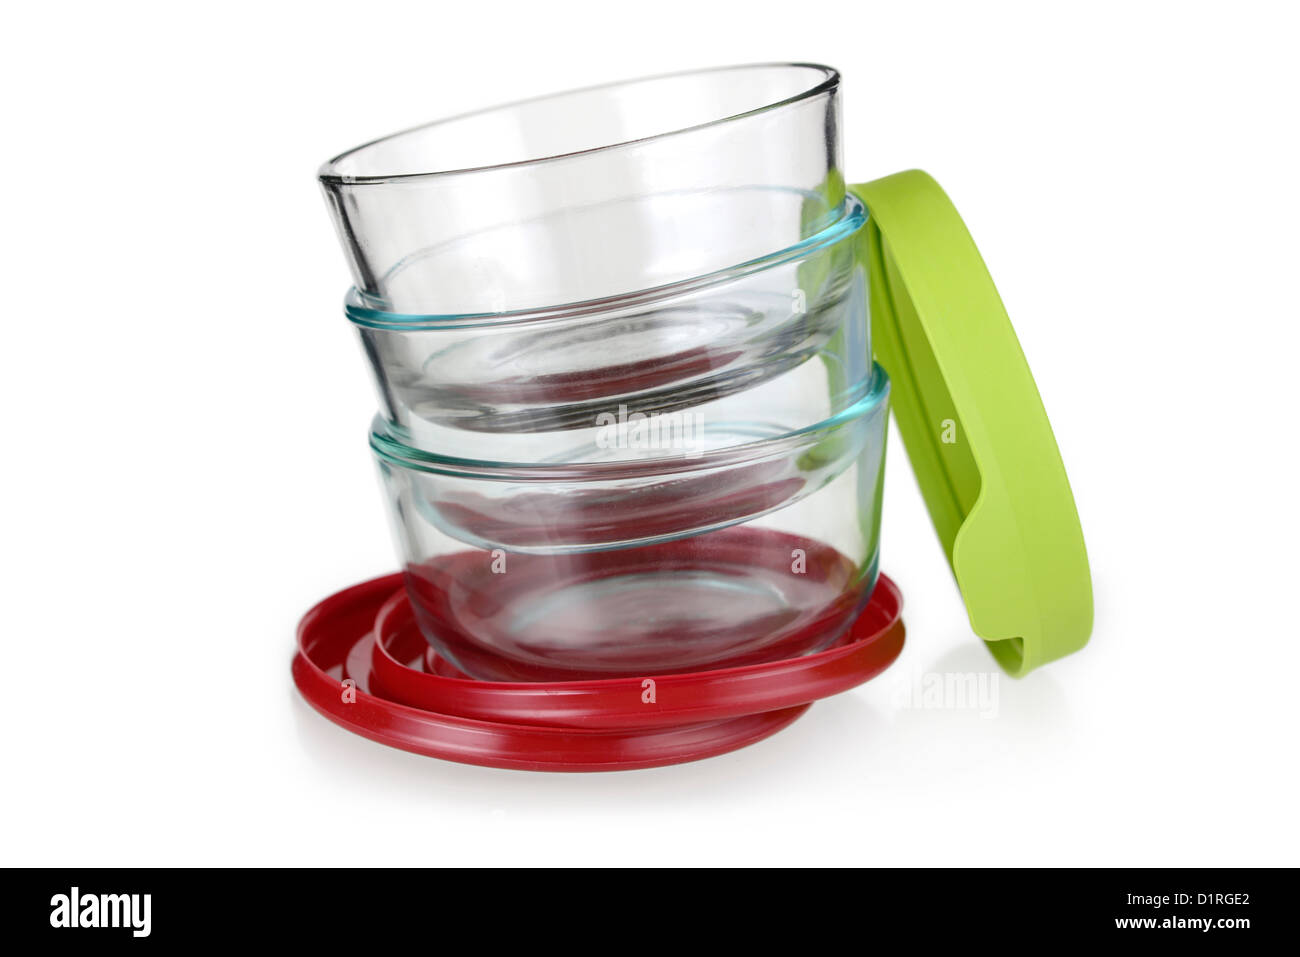 Contenitori per alimenti, ciotole in vetro con coperchi in plastica Immagini Stock